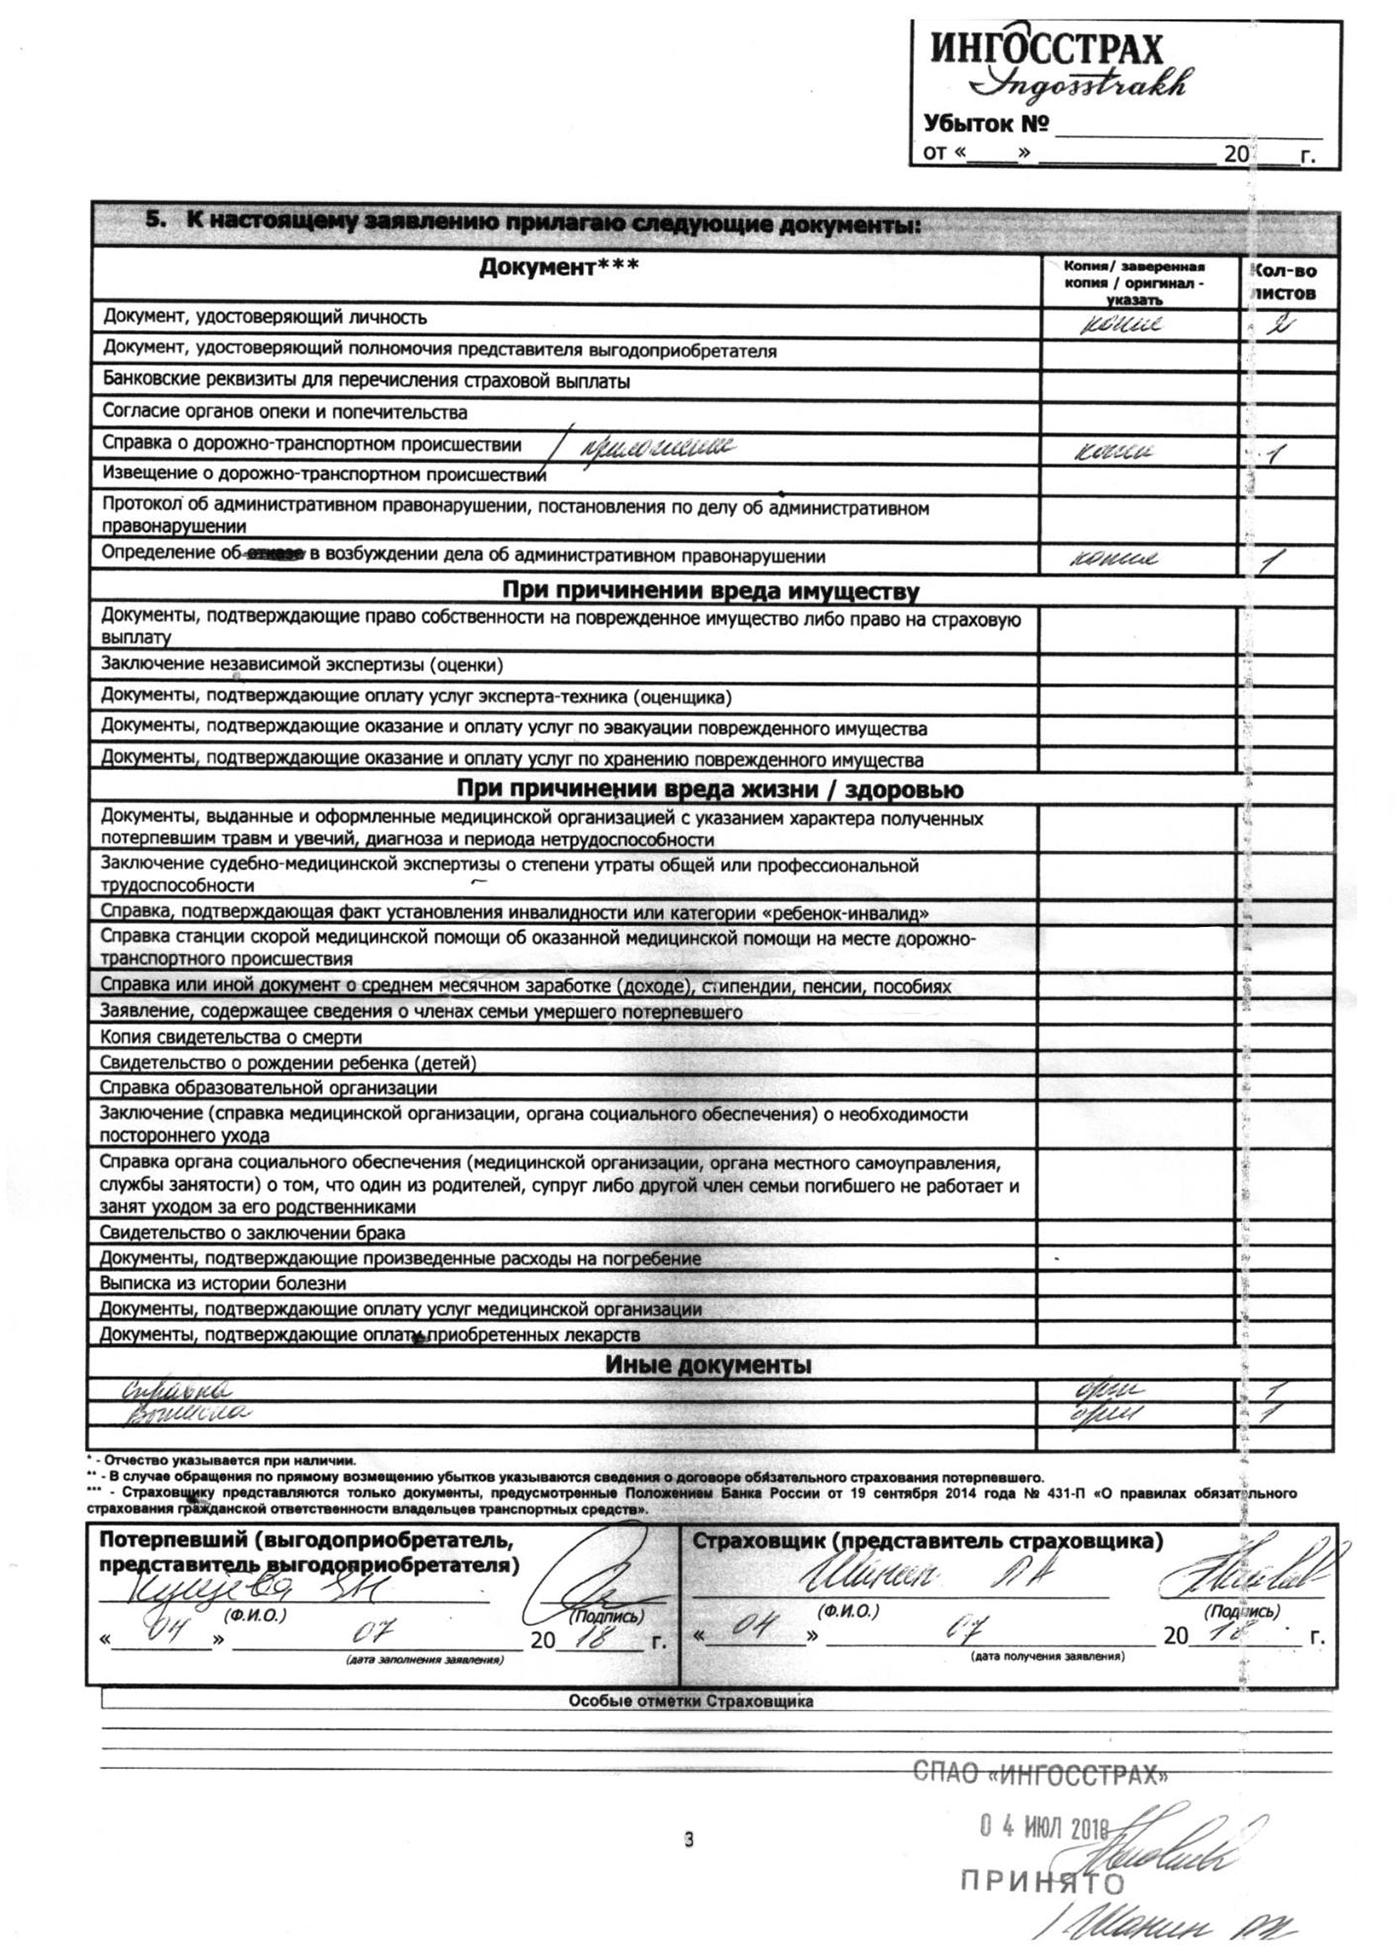 Копия приложения к моему заявлению о выплате страховой суммы по полису ОСАГО